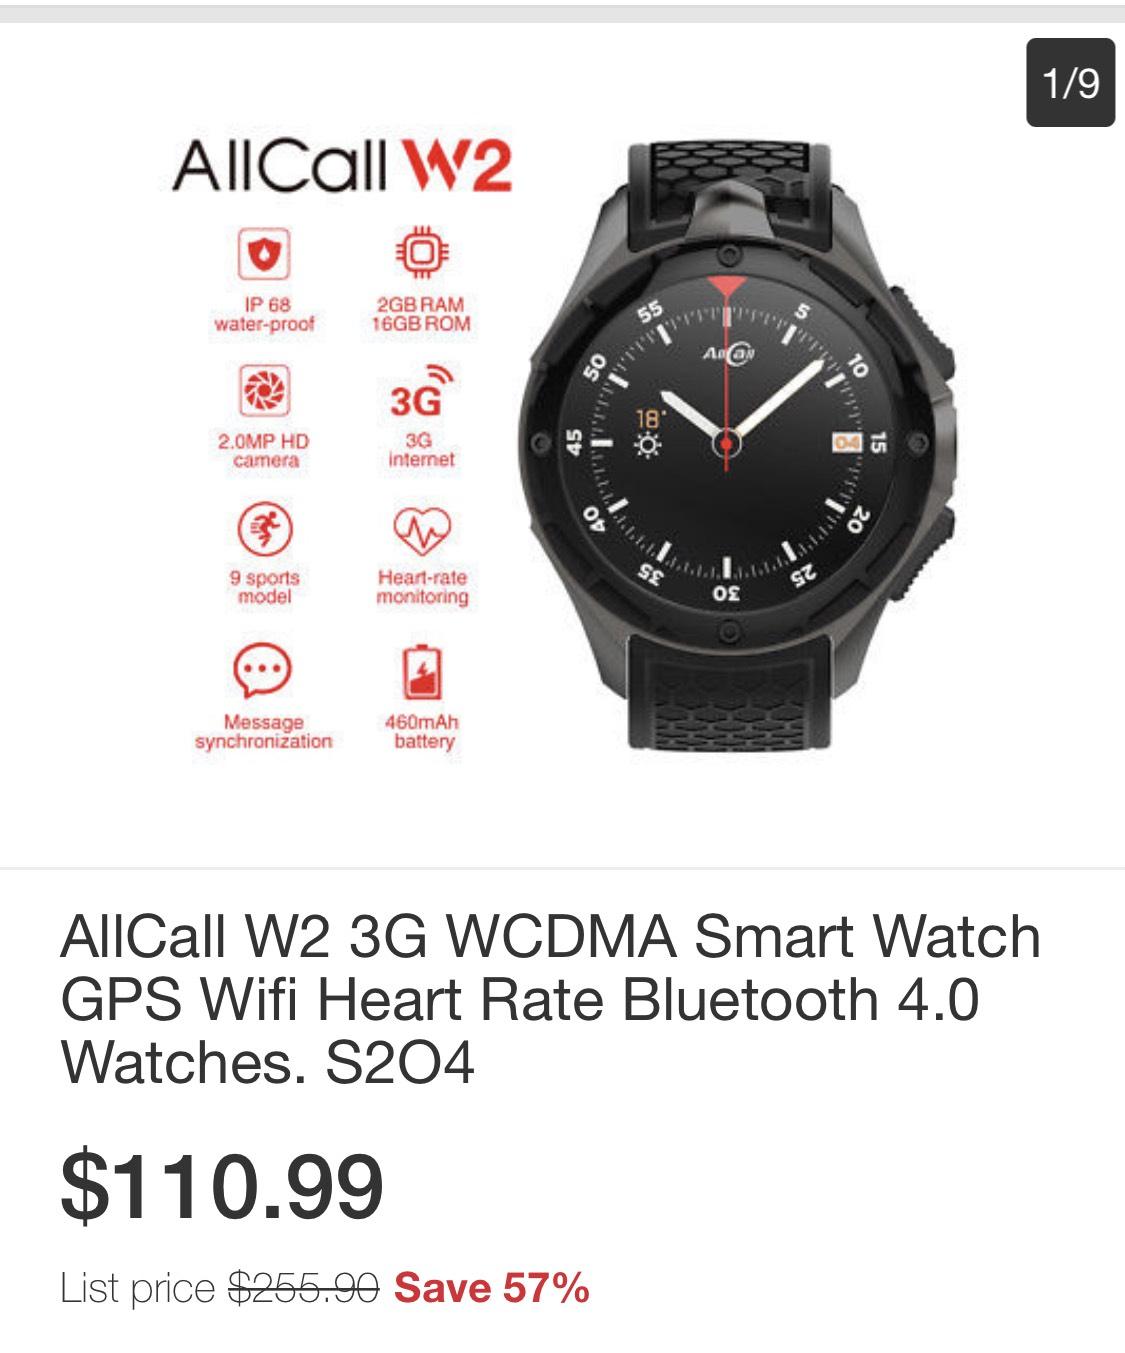 AllCall W2 3G WCDMA Smart Watch GPS Wifi